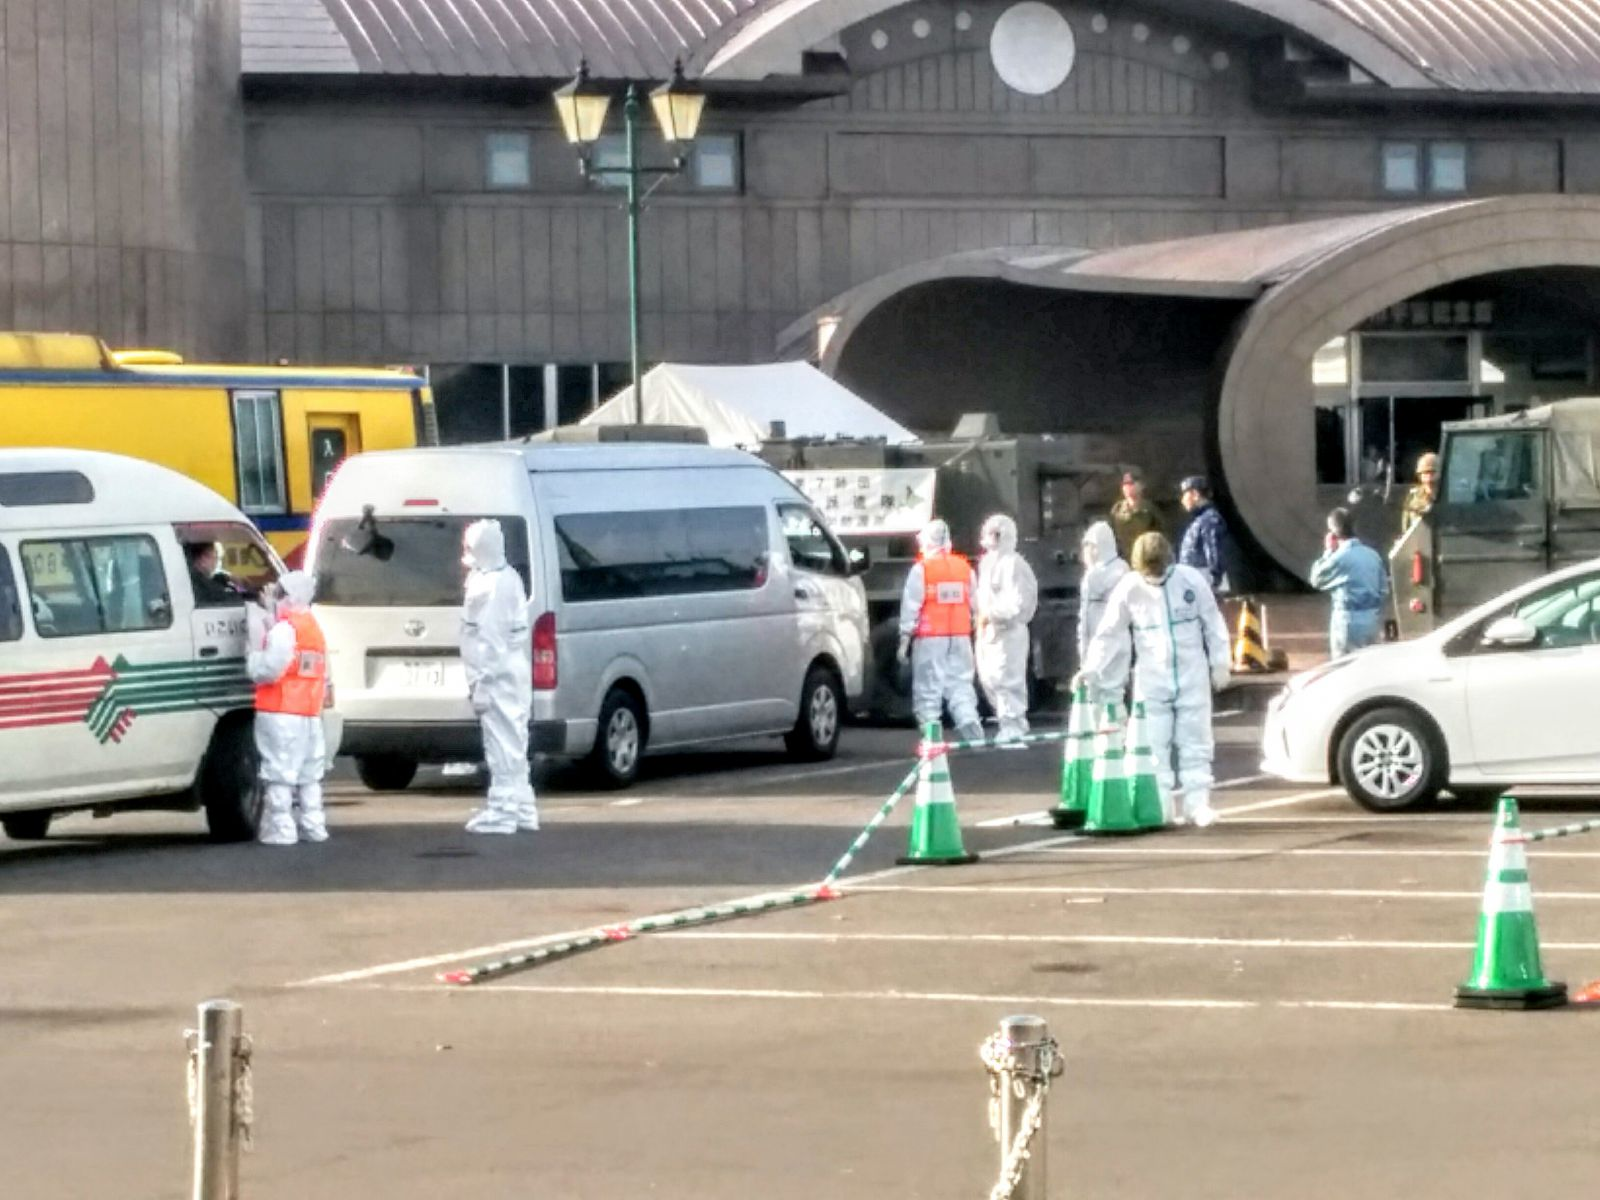 積丹半島余市町原発防災訓練送迎観光タクシーです。